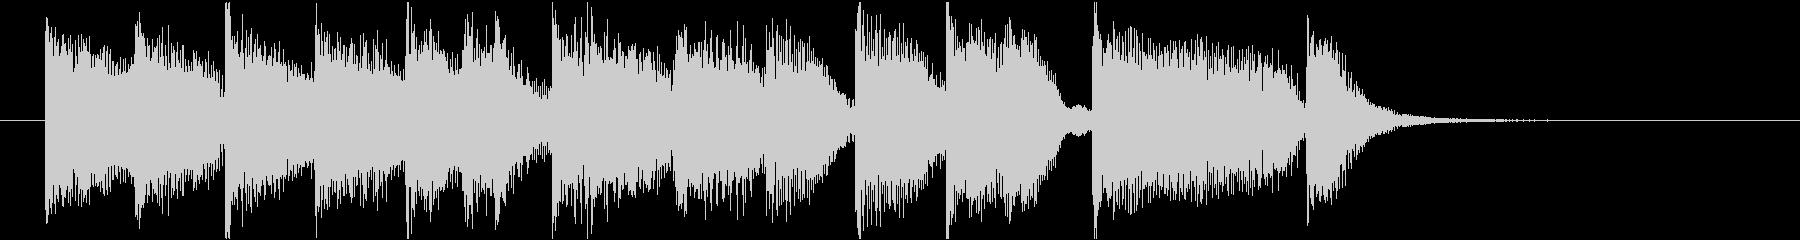 コミカルなピアノジングルの未再生の波形